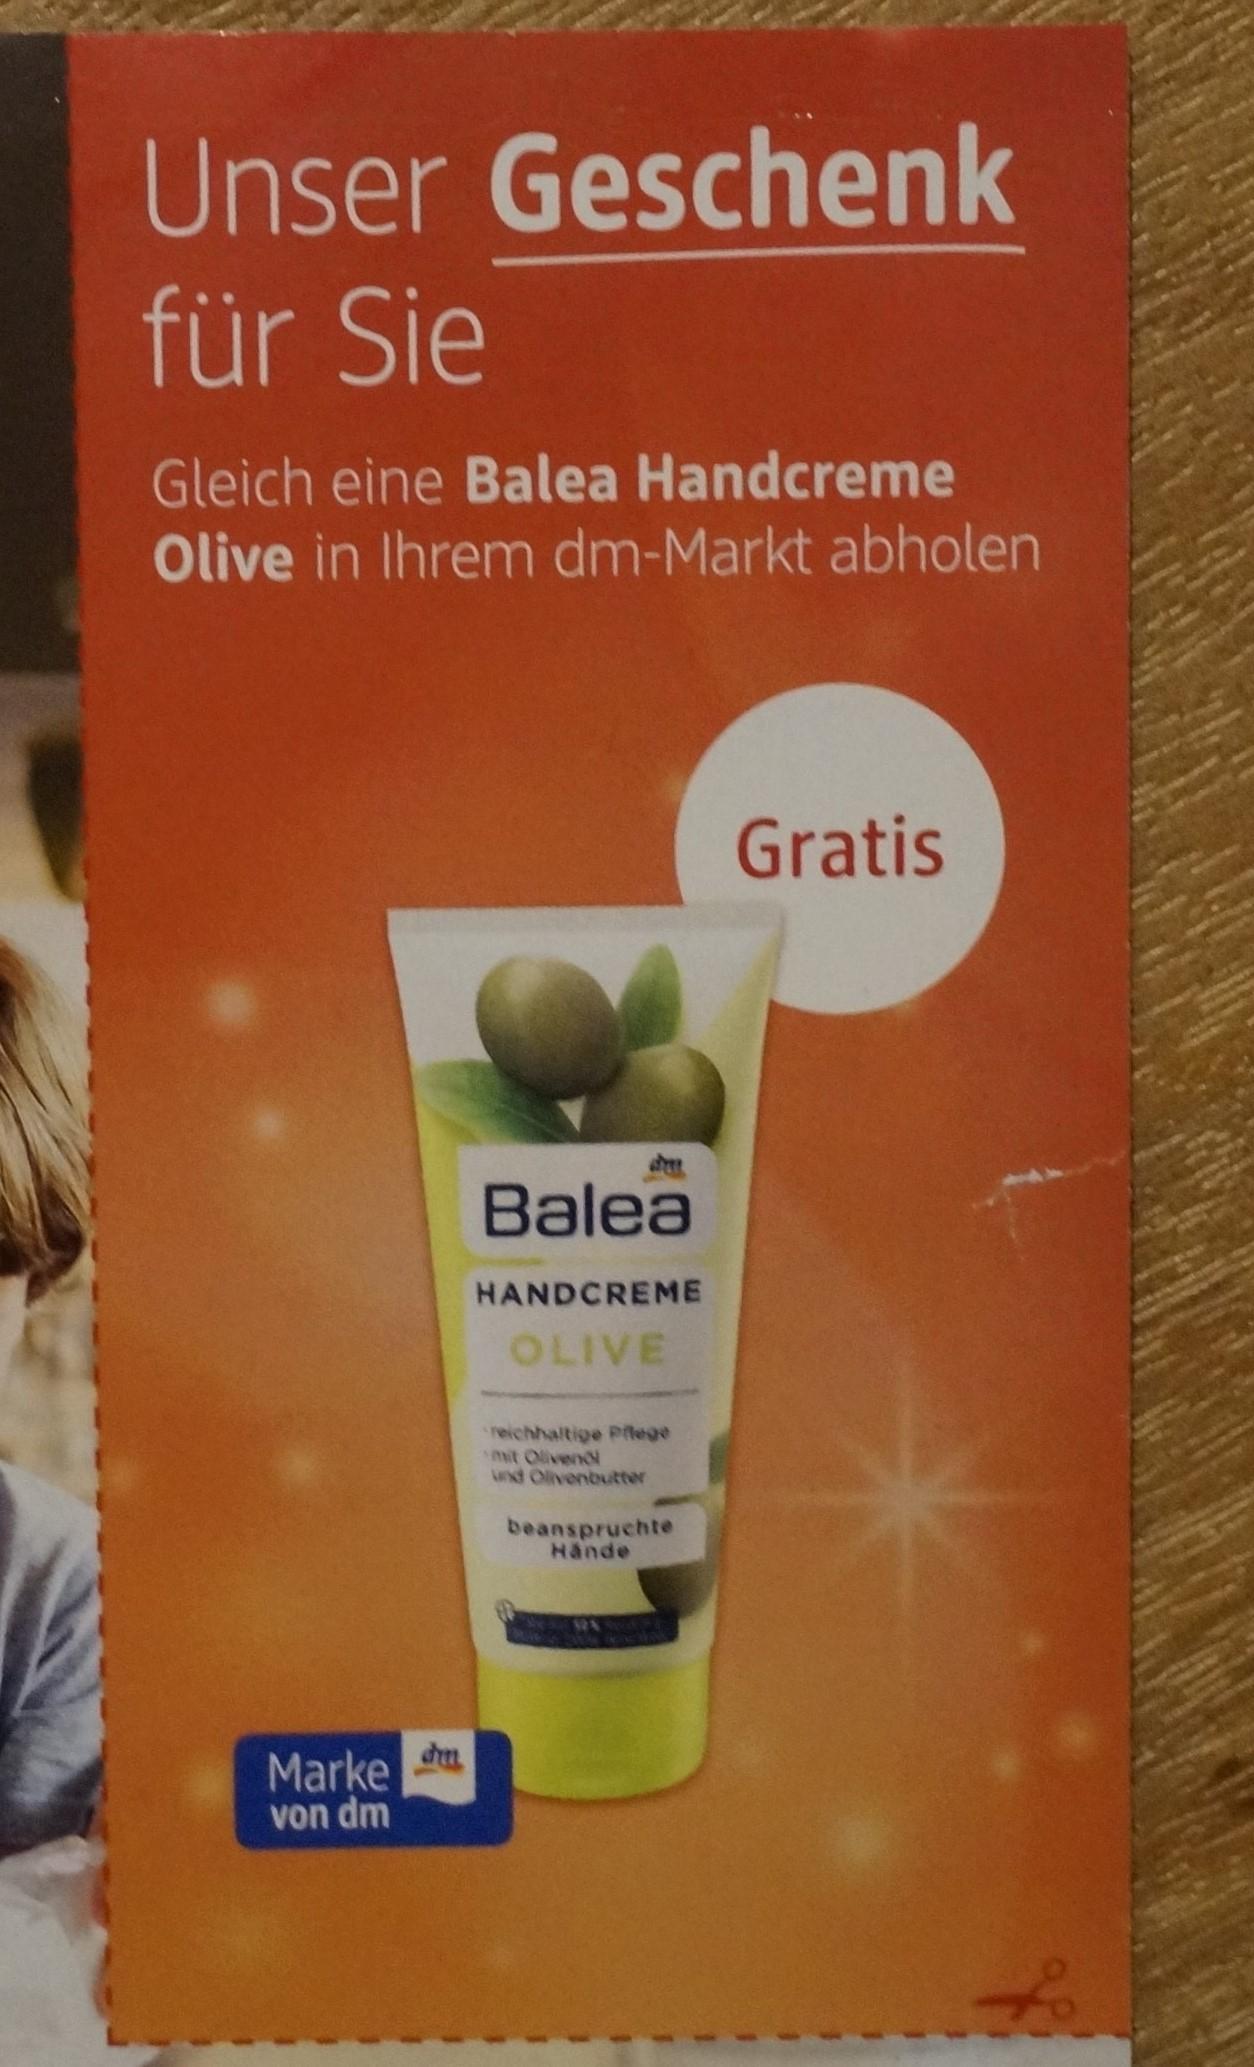 [dm] (Lokal ausgewählte Filialen) Gratis Balea Handcreme olive (100ml) im Wert von 0,85€ 09.12.20 bis 09.01.21